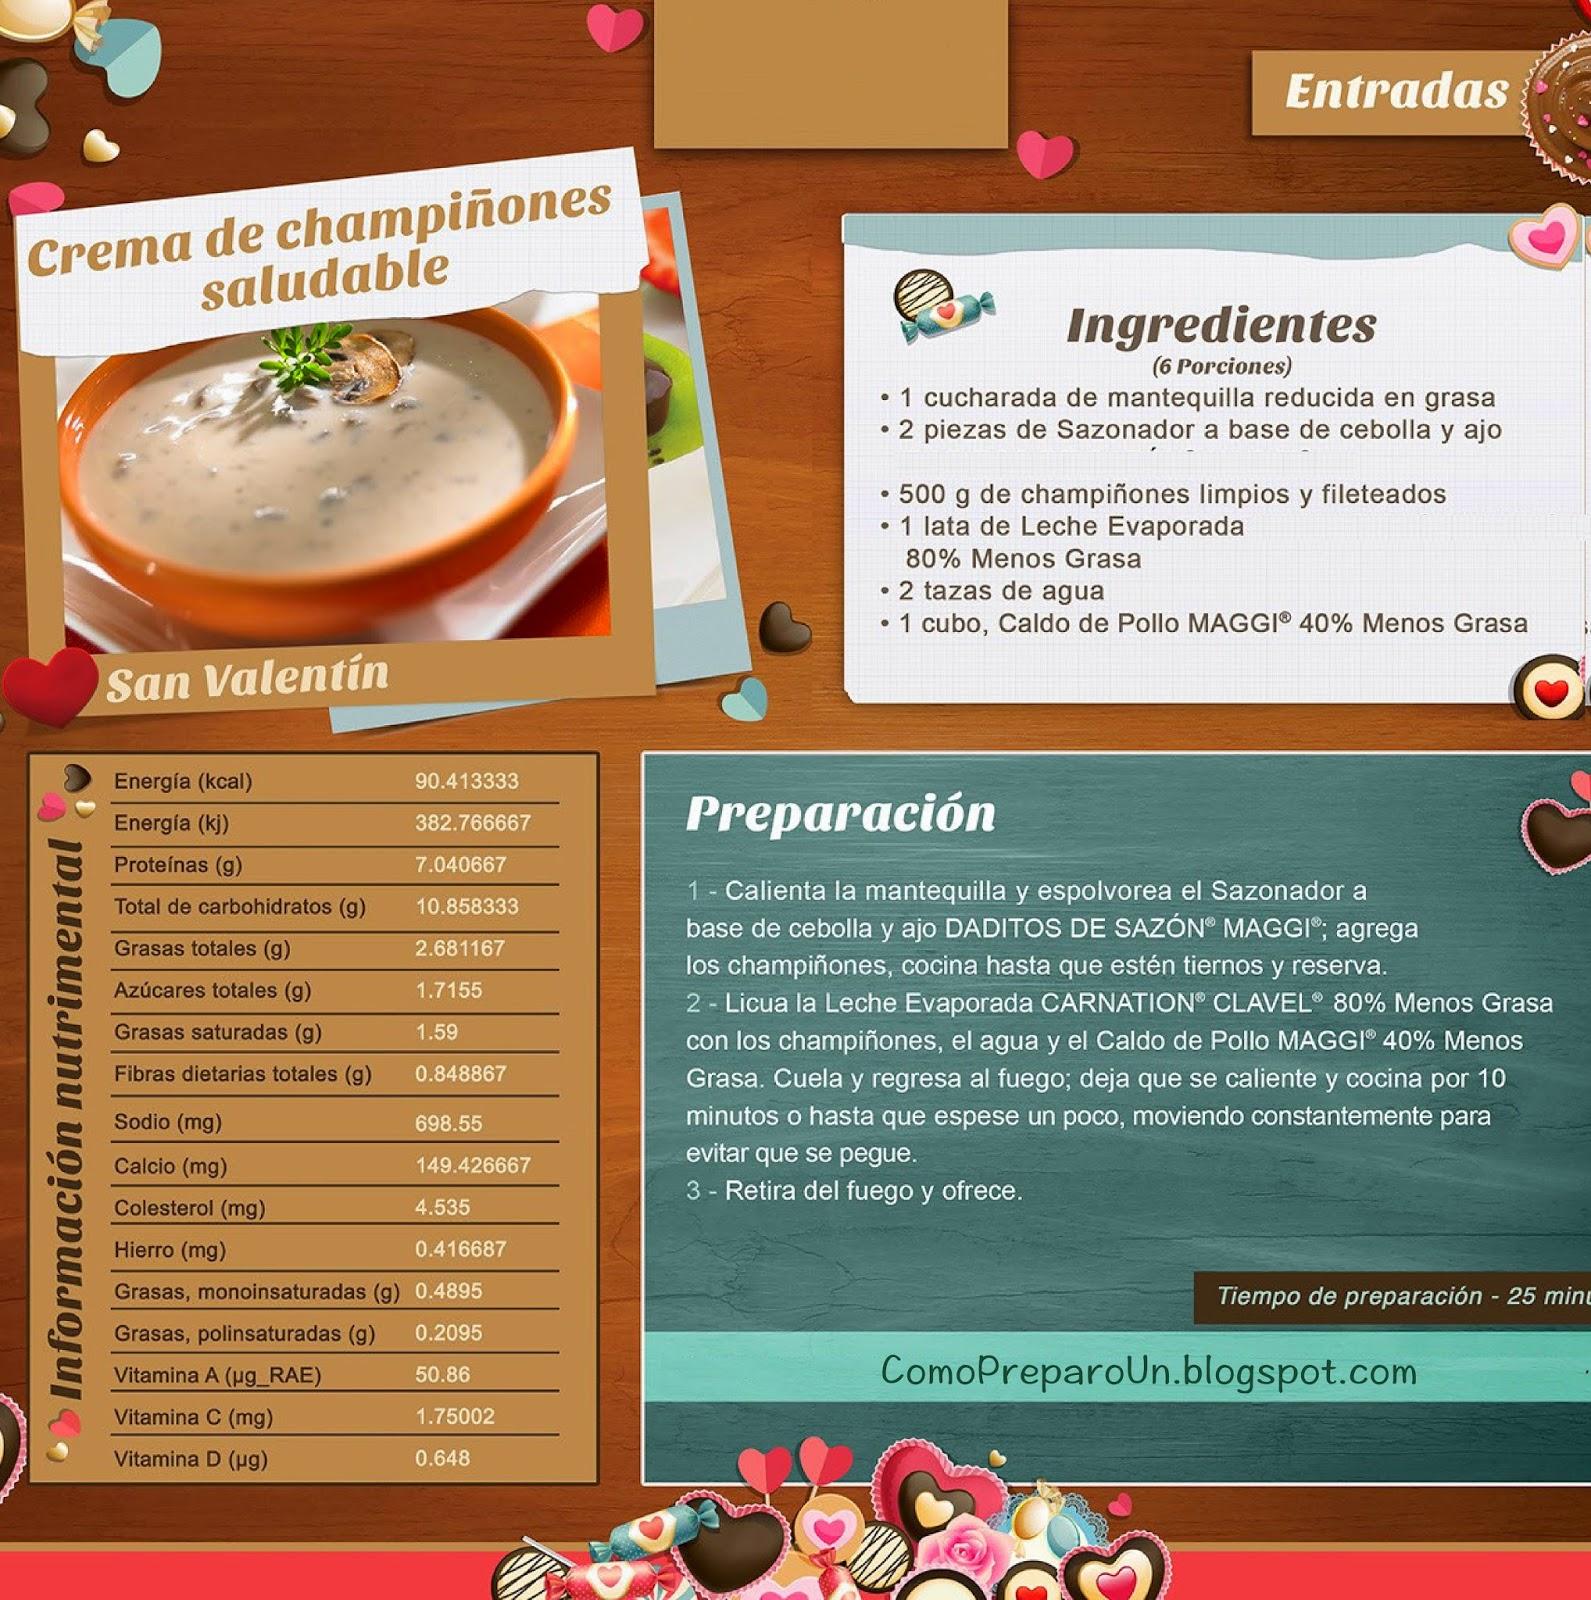 RECETAS - CREMA DE CHAMPIÑONES - ENTRADAS SALUDABLES PARA SAN VALENTIN